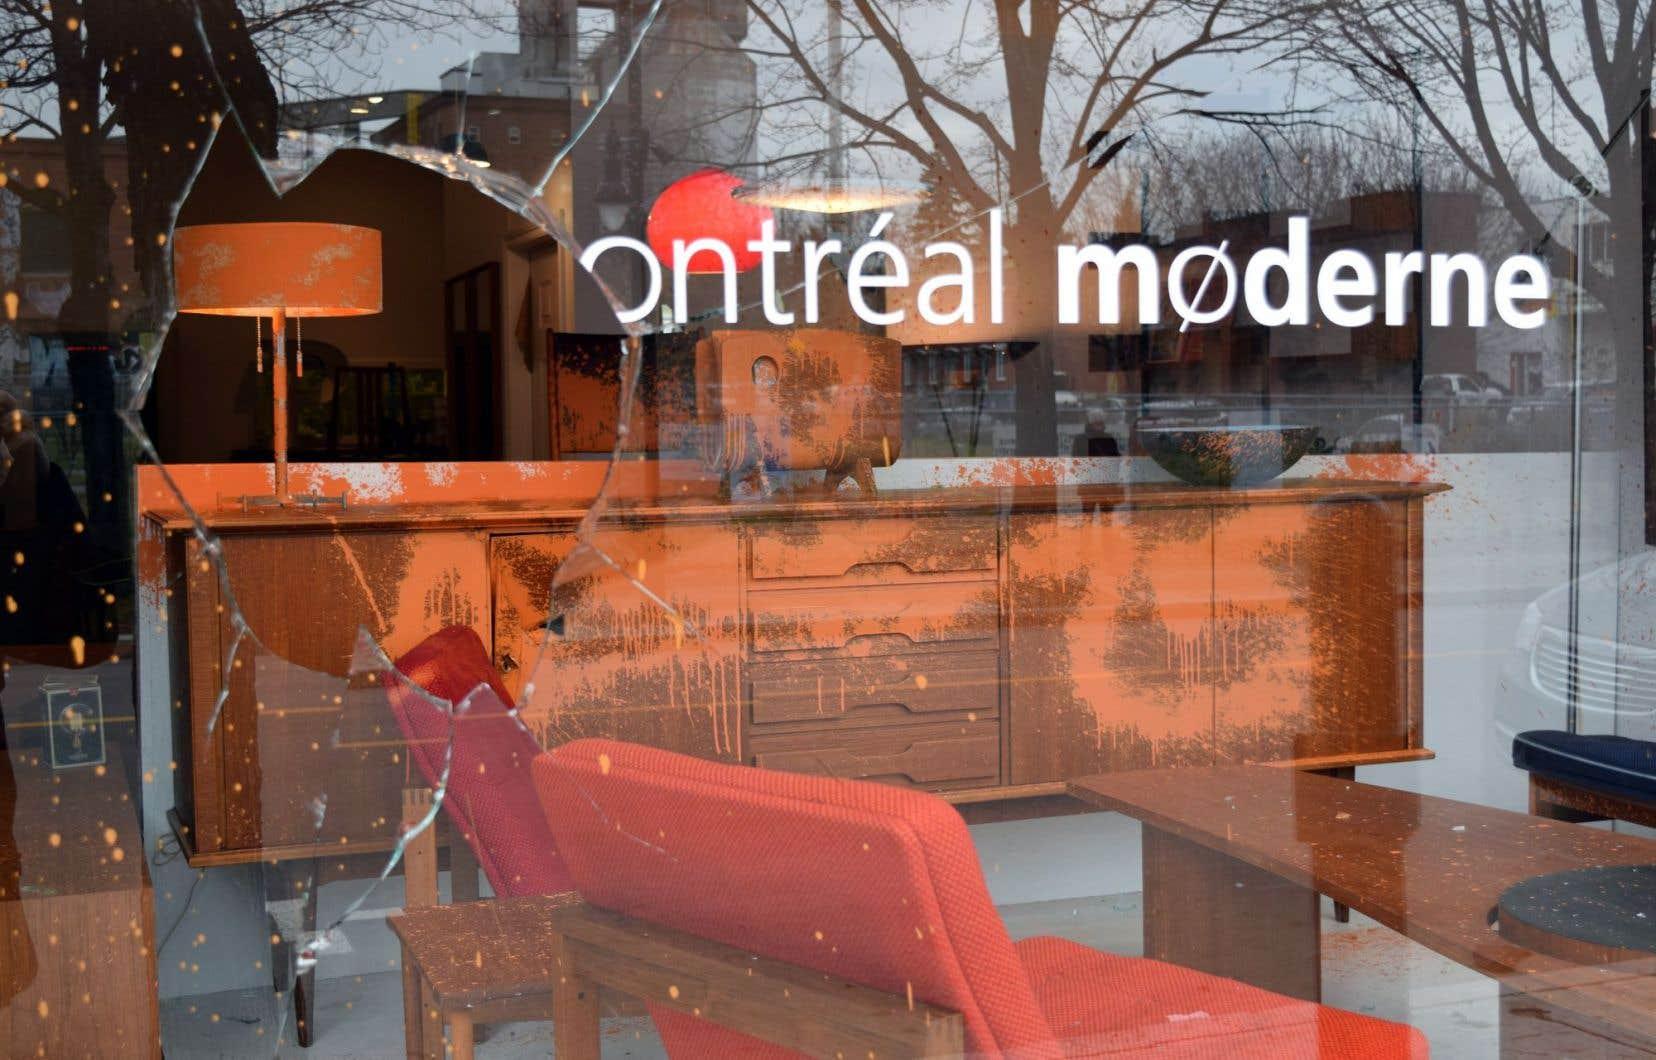 Le commerce Montréal Moderne a ouvert ses portes dans Hochelaga-Maisonneuve il y a à peine trois mois. Dans la nuit de dimanche à lundi, des vandales s'en sont pris à cette boutique ainsi qu'à quatre autres commerces.